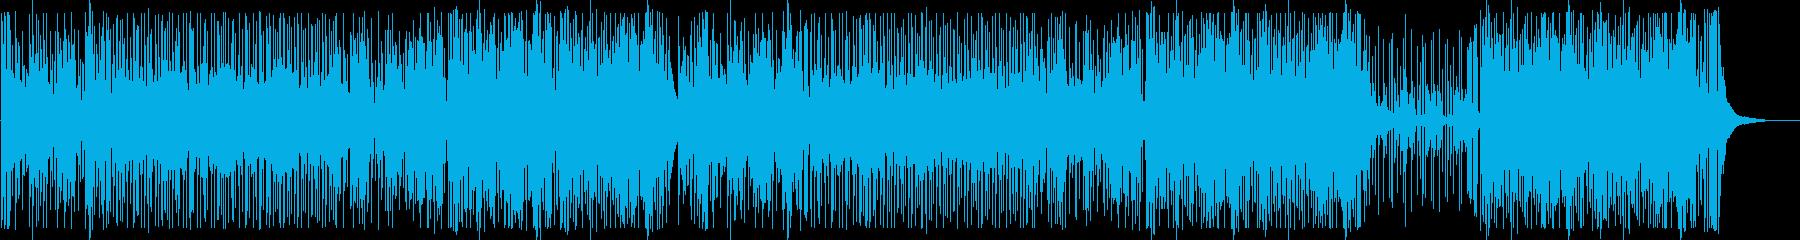 お洒落でJAZZYなHip Hopの再生済みの波形